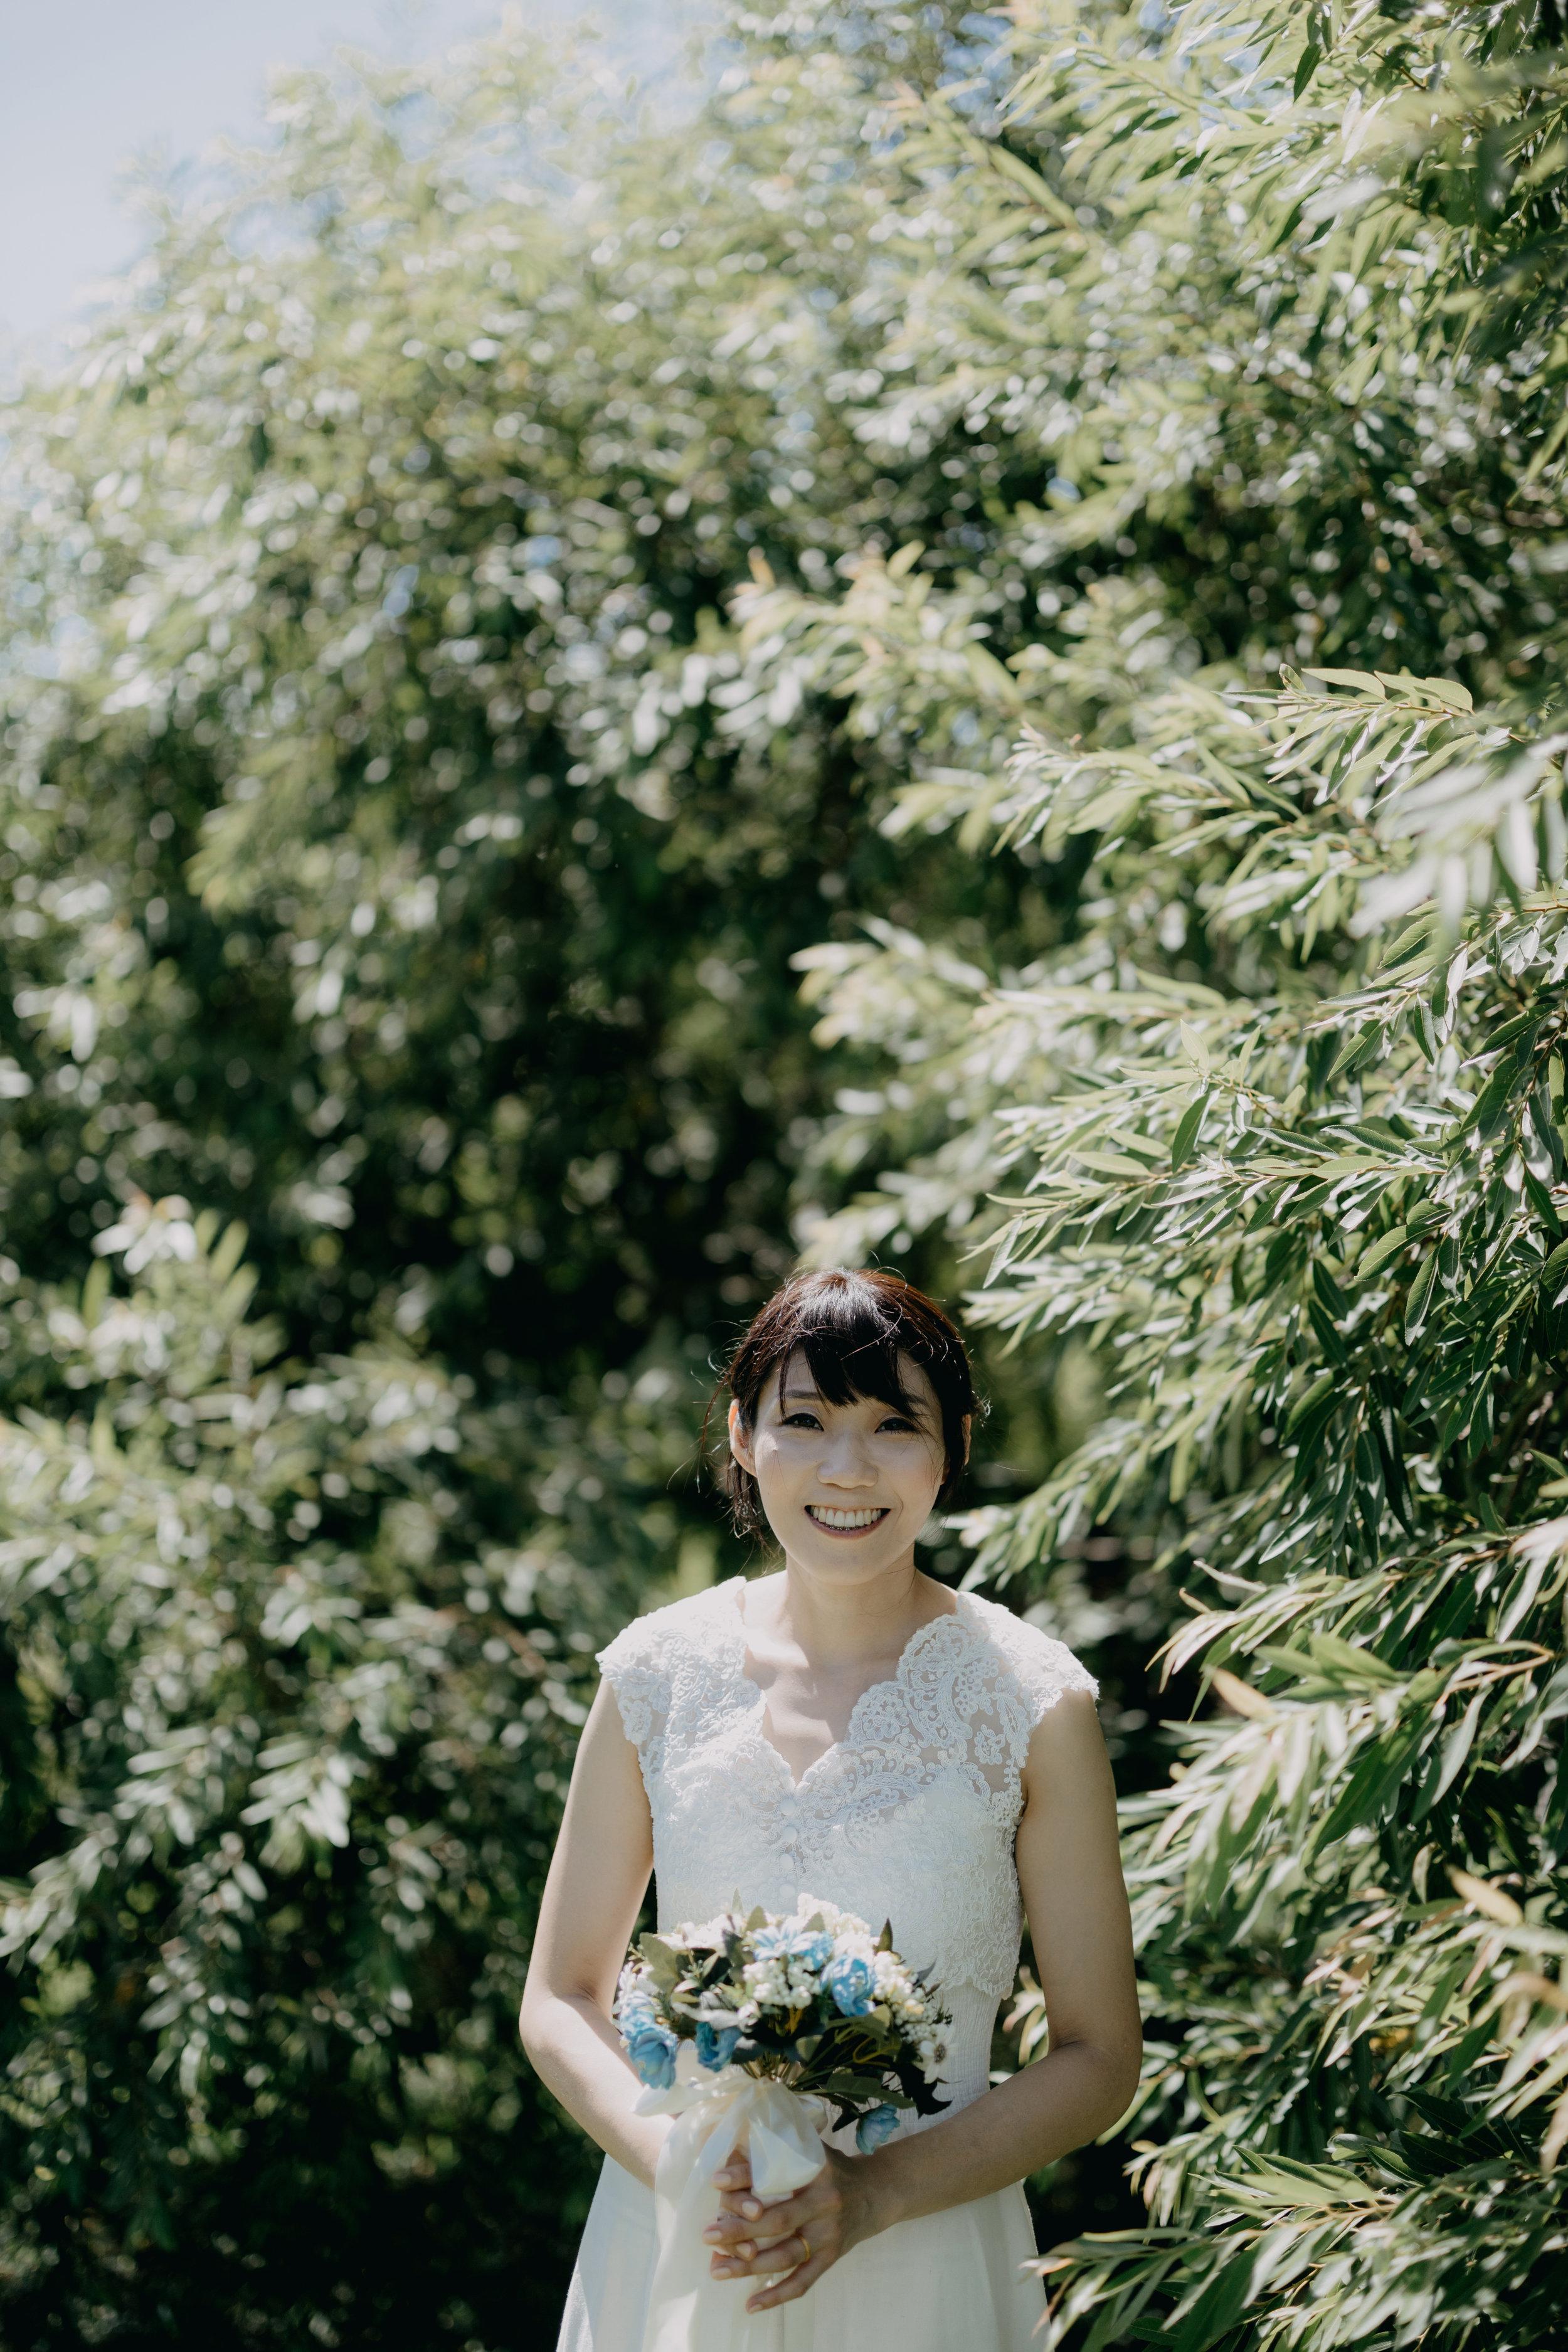 55_MIKI4920.jpg